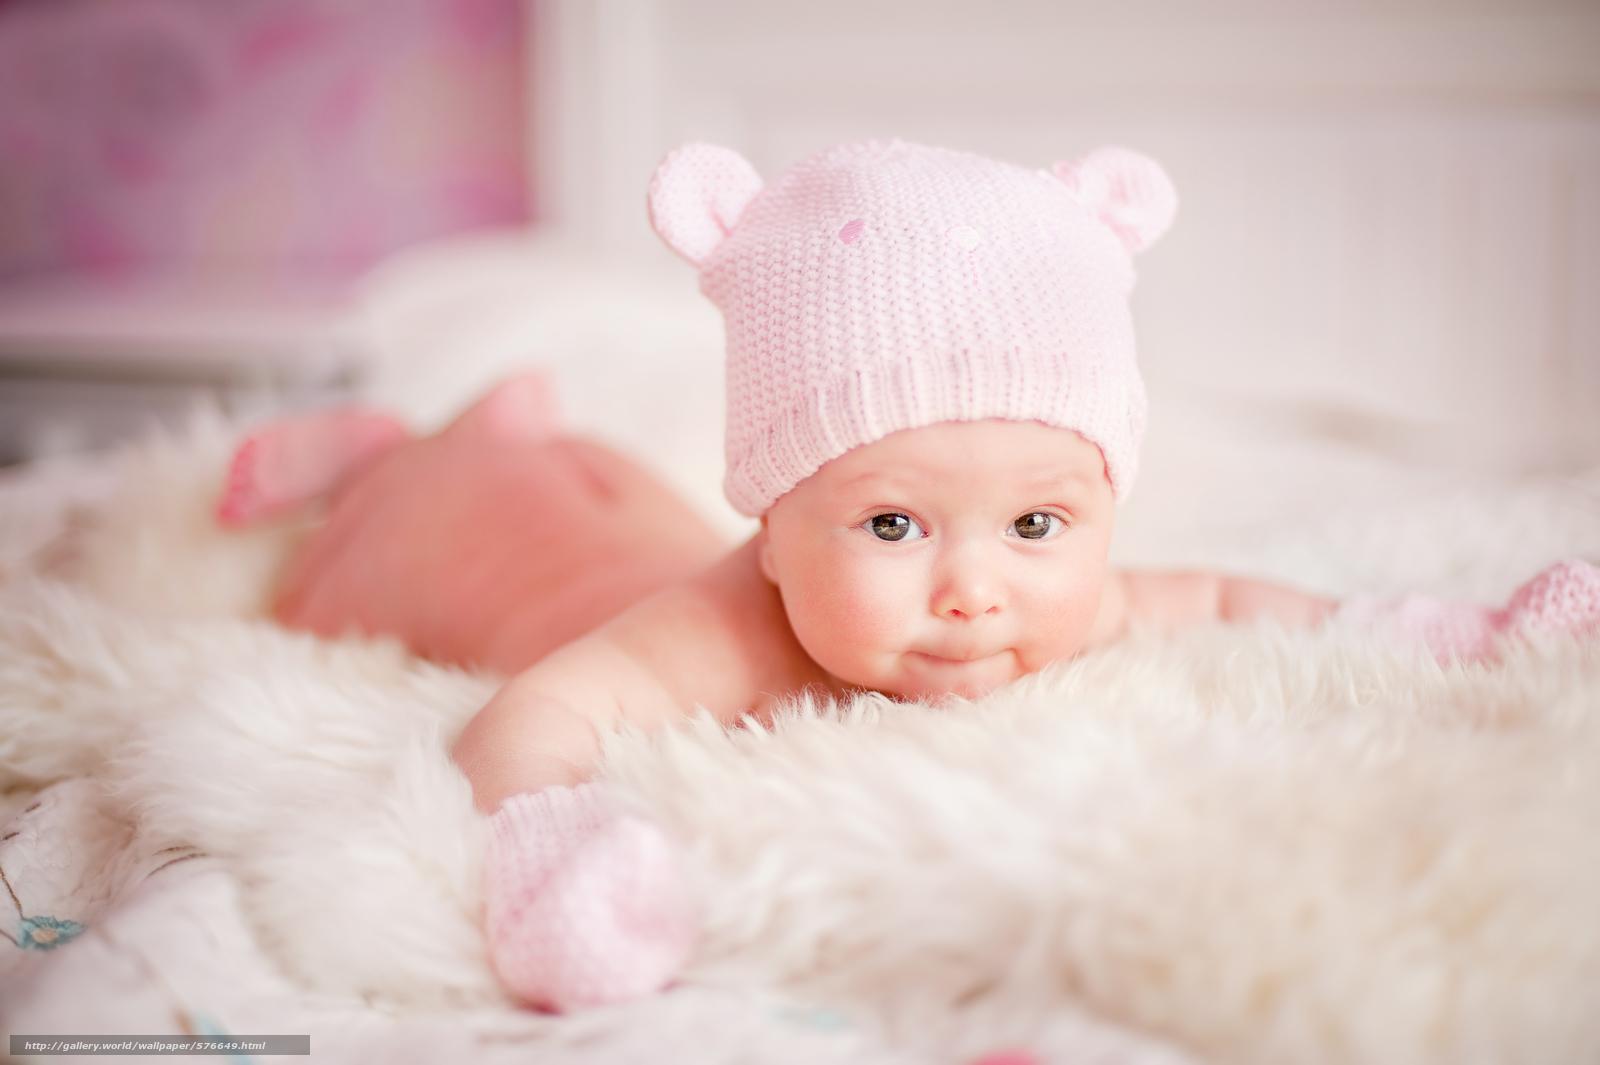 pobra tapety twarz,  nowo narodzony,  kochanie Darmowe tapety na pulpit rozdzielczoci 7000x4658 — zdjcie №576649